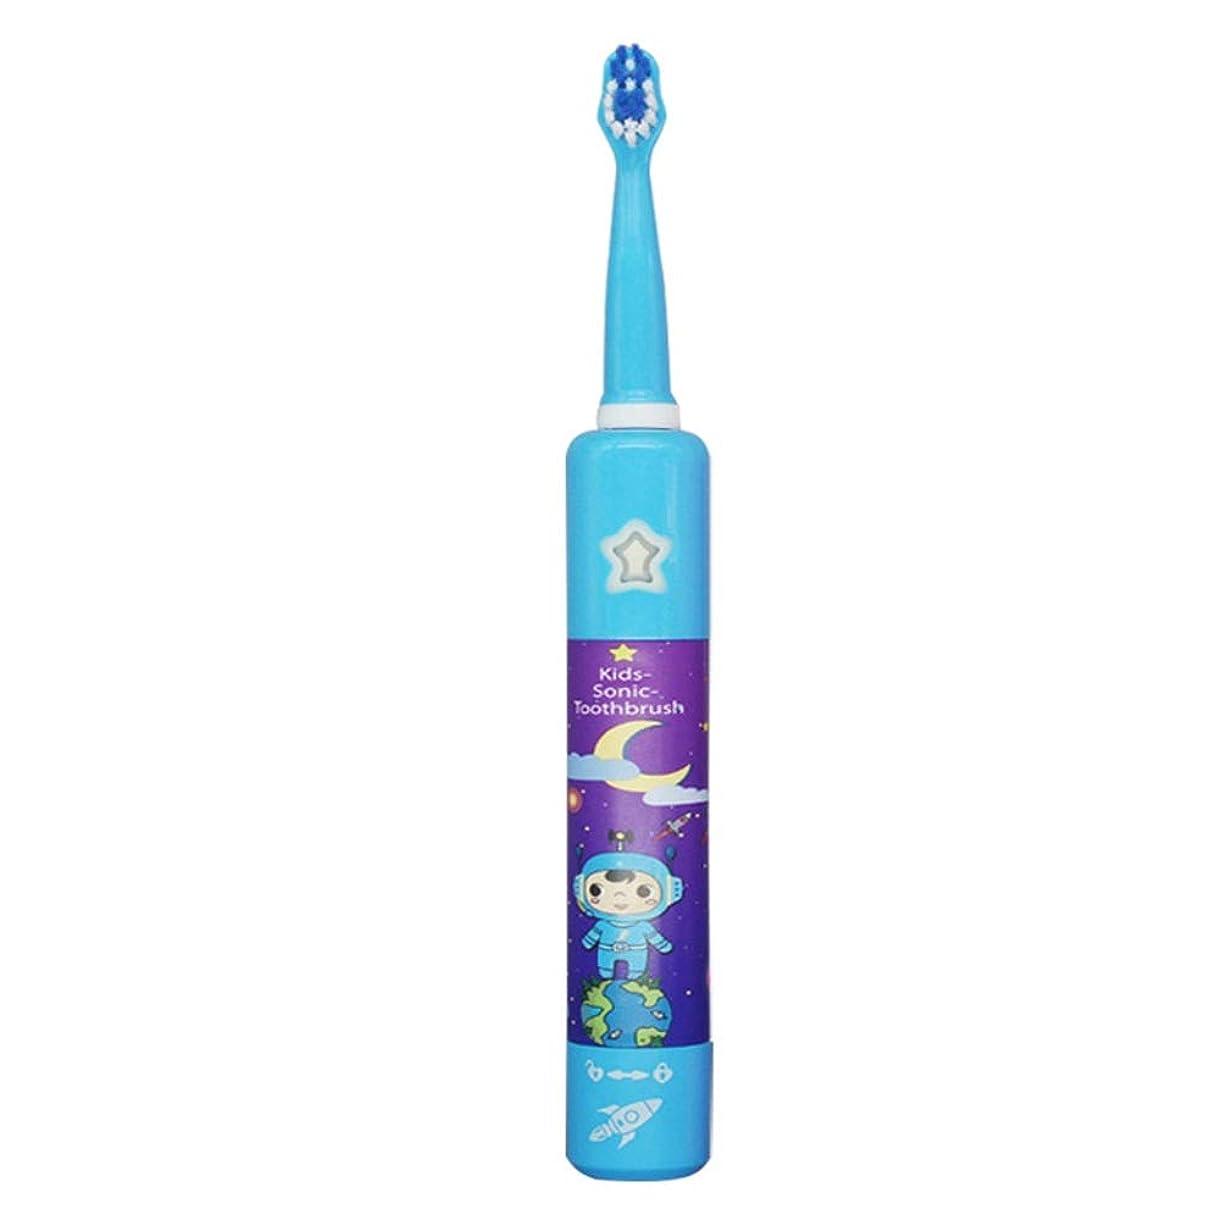 スカーフ一生努力する子供の電気USB充電式歯ブラシかわいい柔らかい髪音楽歯ブラシホルダーと1つの交換用ヘッド (色 : 青, サイズ : Free size)